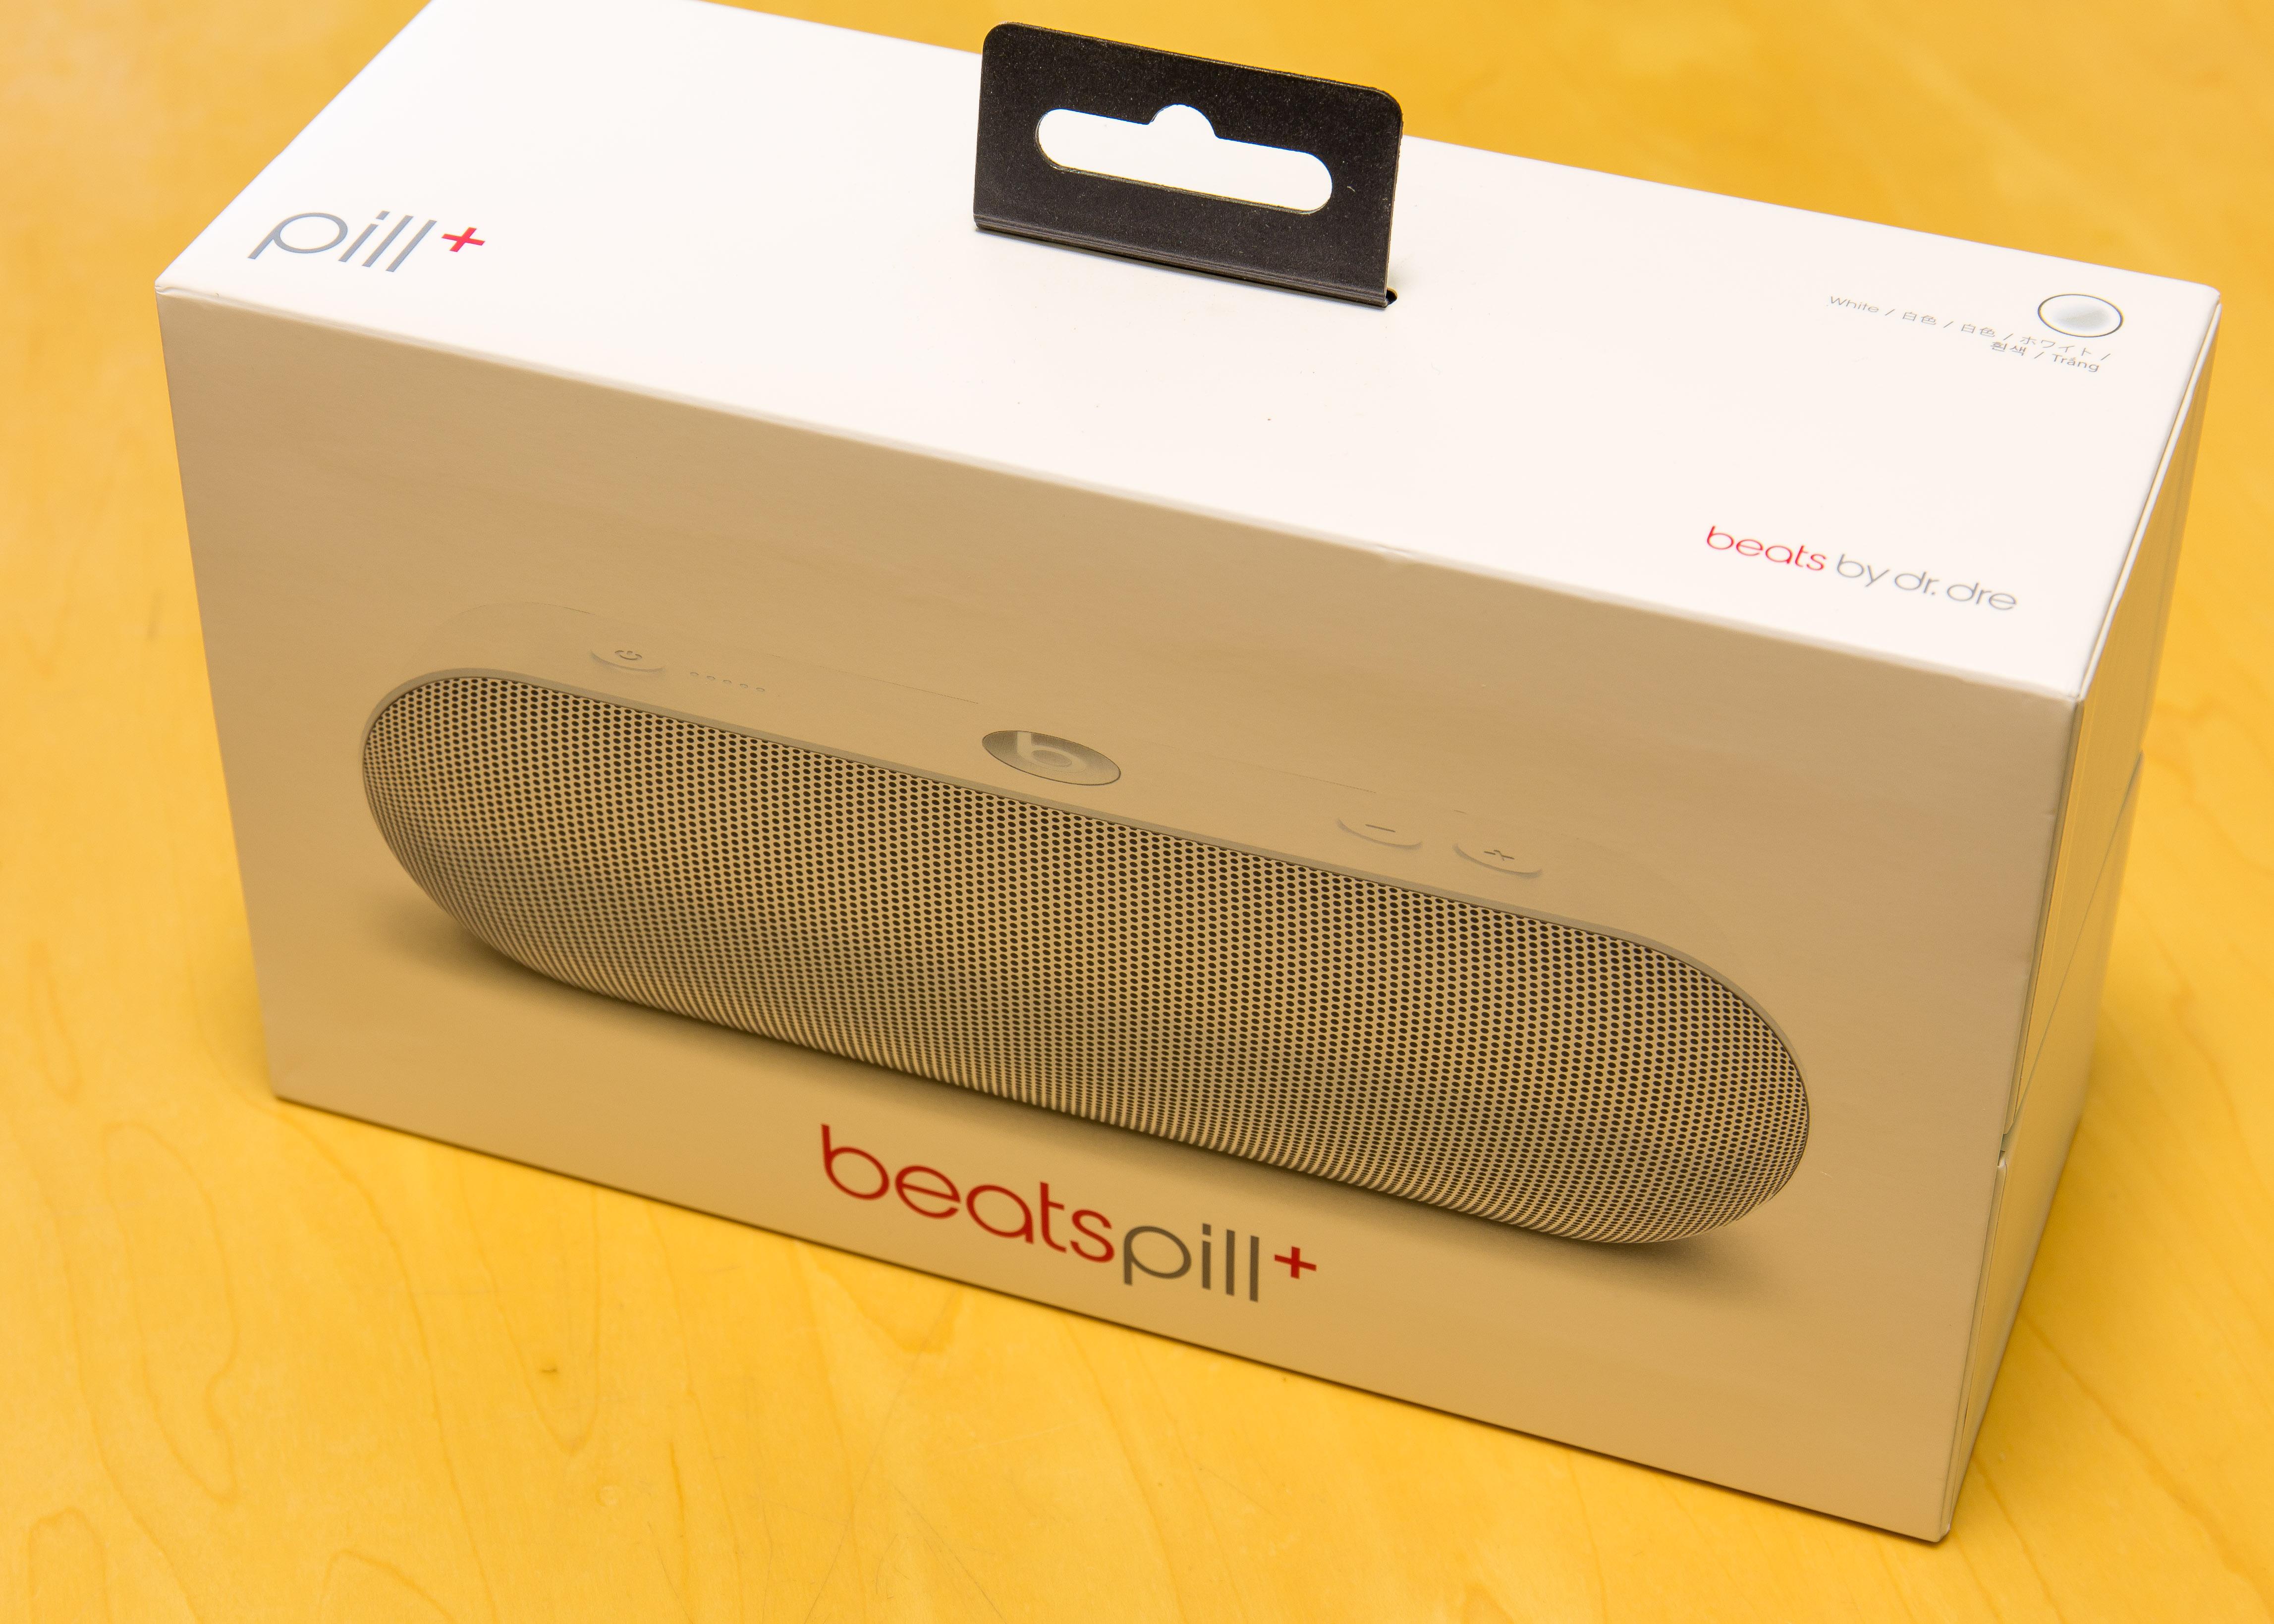 beats pill+(3)